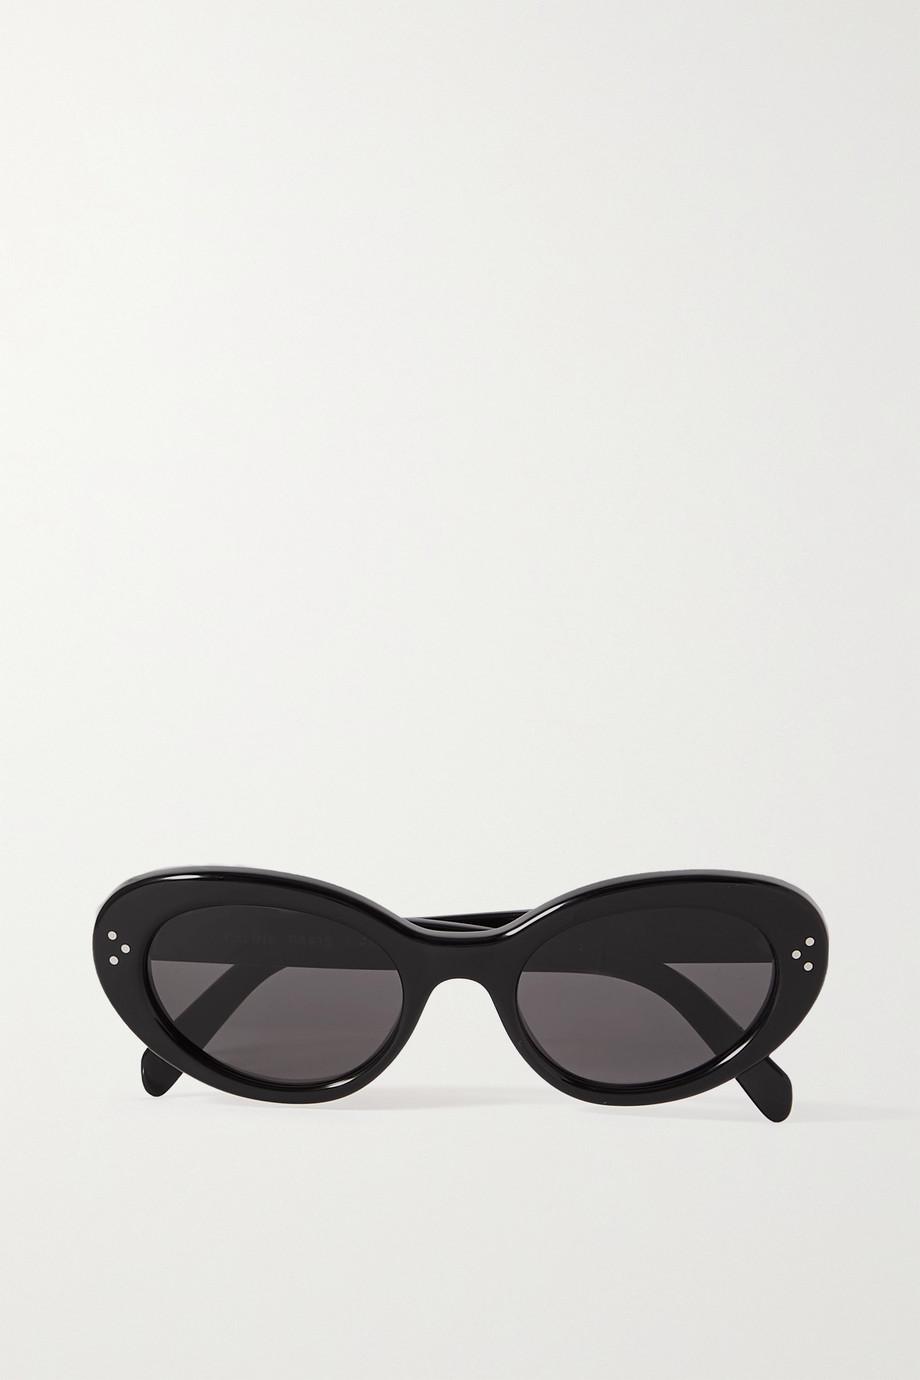 CELINE Eyewear Lunettes de soleil ovales en acétate